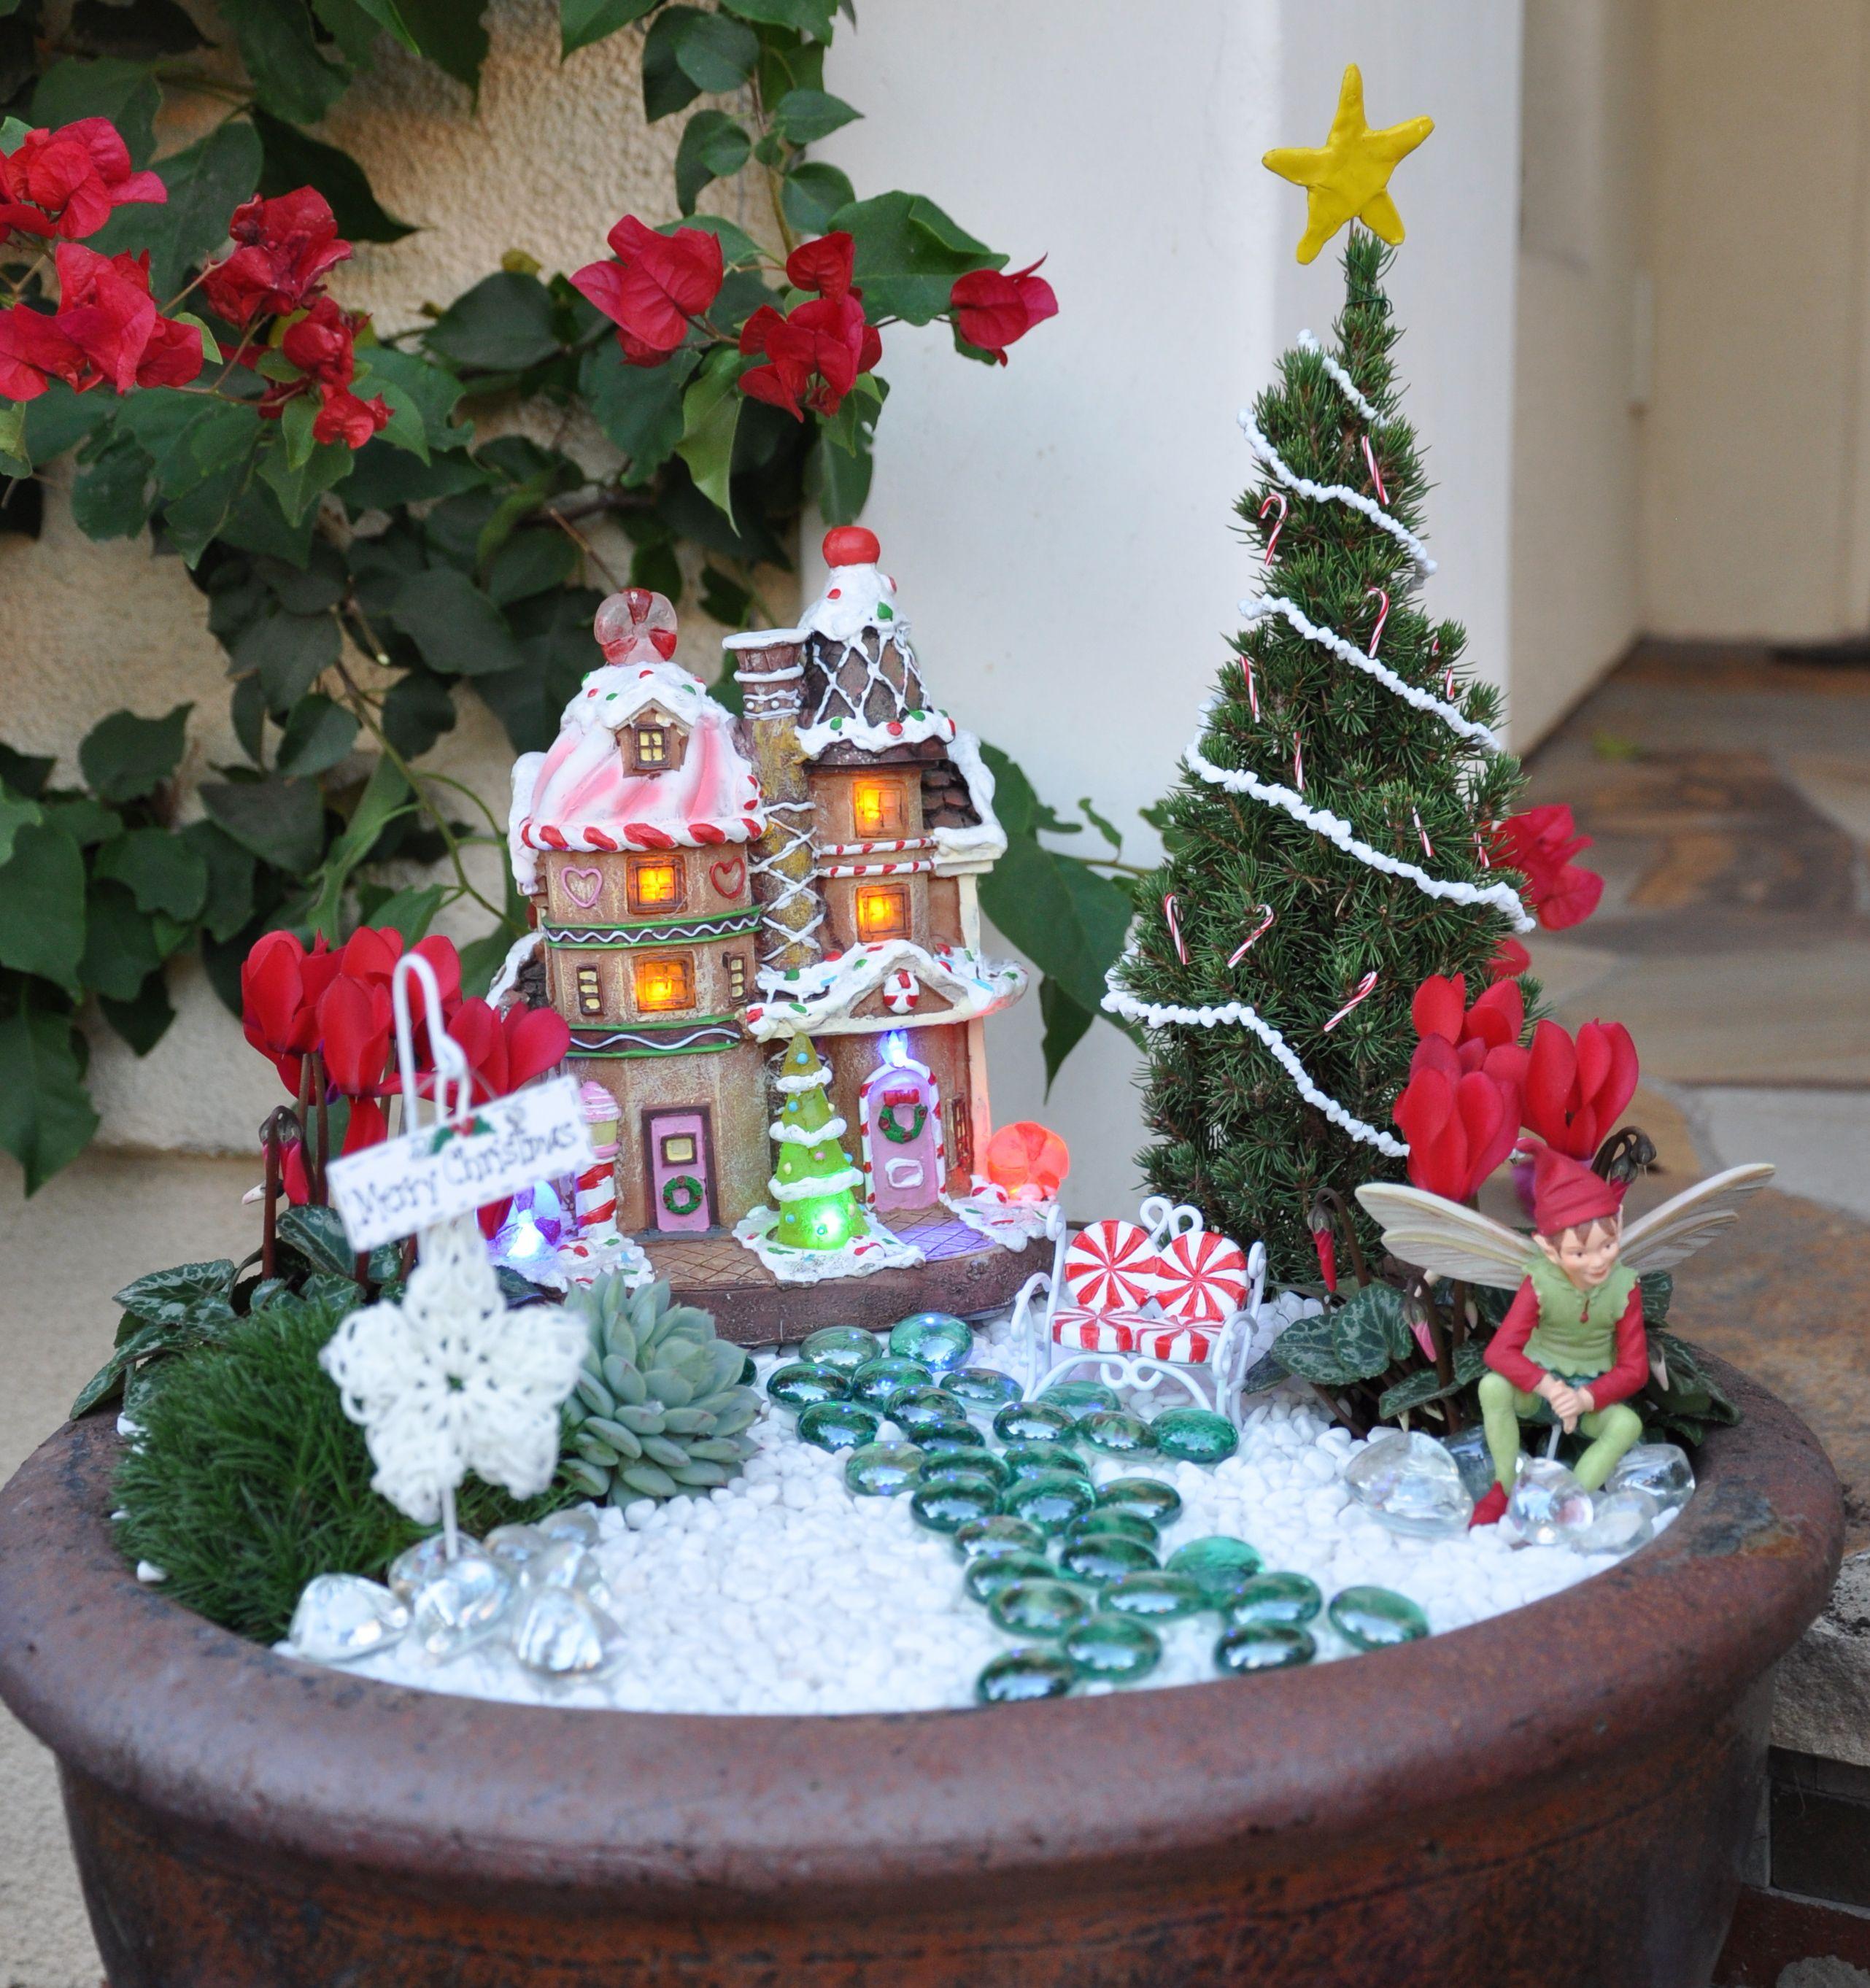 Christmas Fairy Decorations: Natalie's Christmas Fairy Garden